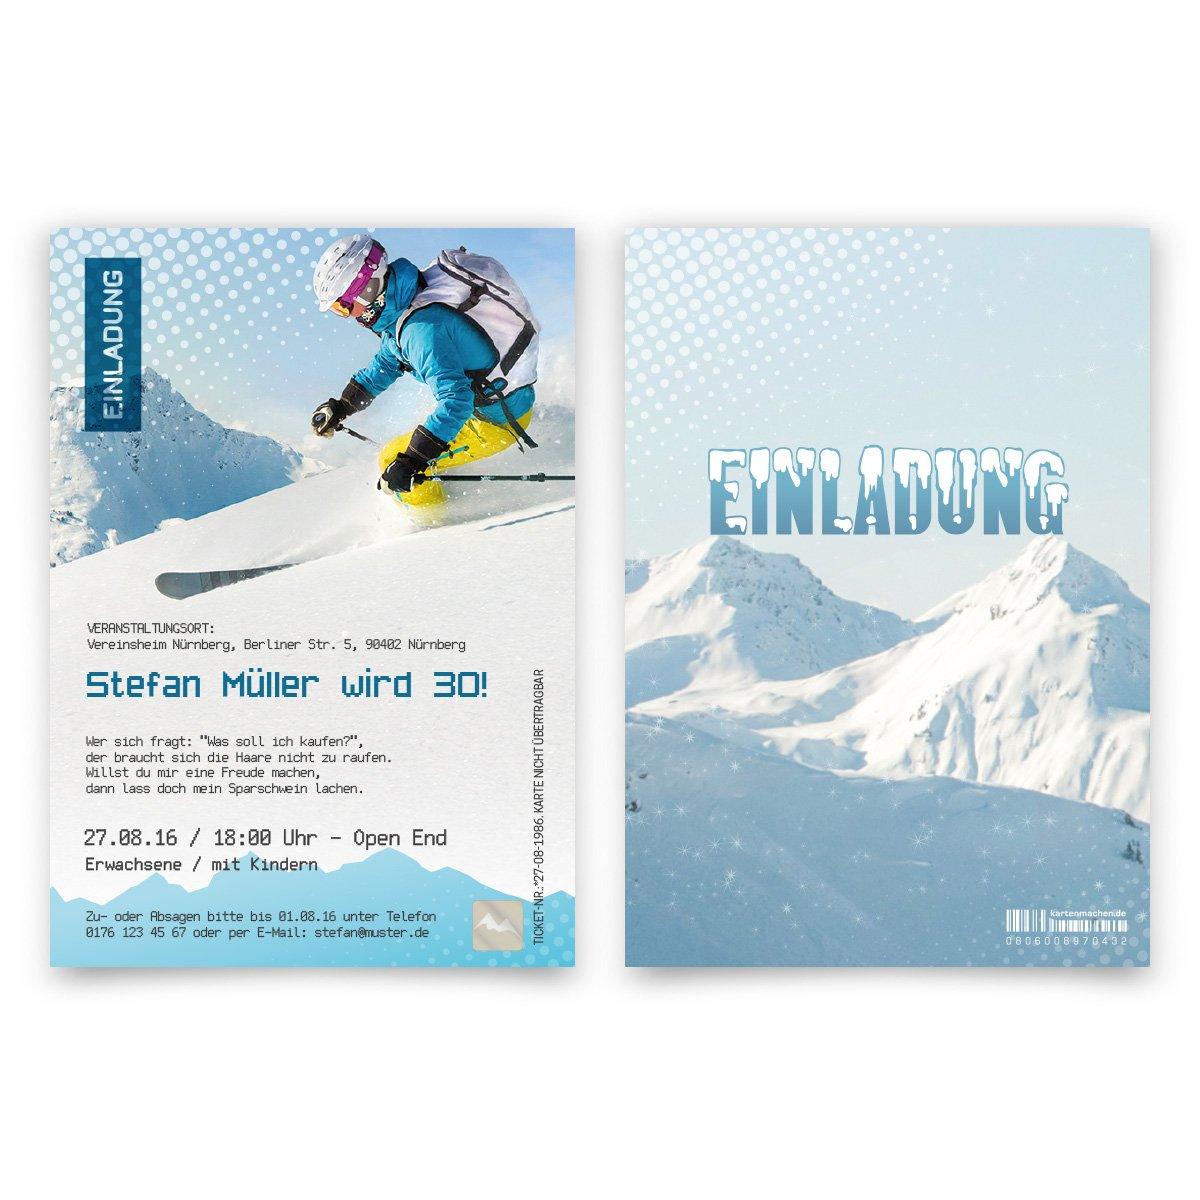 100 x Einladungskarten Geburtstag Skipass mit eigenem Foto Apres Ski Hüttengaudi B0756YR1H4 | Discount  | Praktisch Und Wirtschaftlich  | Angenehmes Gefühl